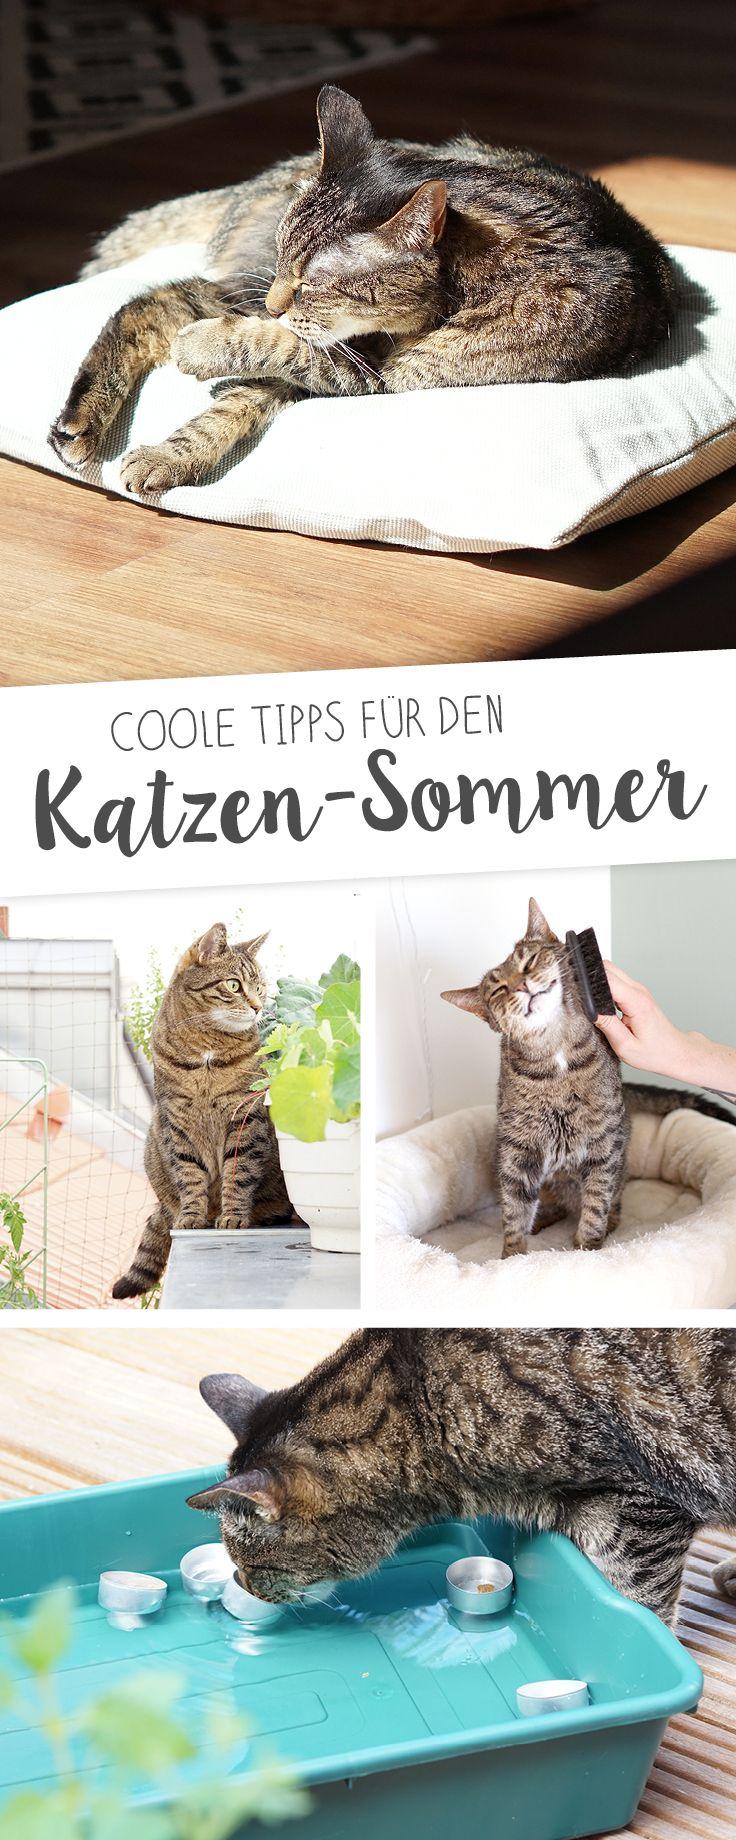 die besten 25 coole katzen ideen auf pinterest katzenhaus sch nen katzen und k tzchen. Black Bedroom Furniture Sets. Home Design Ideas